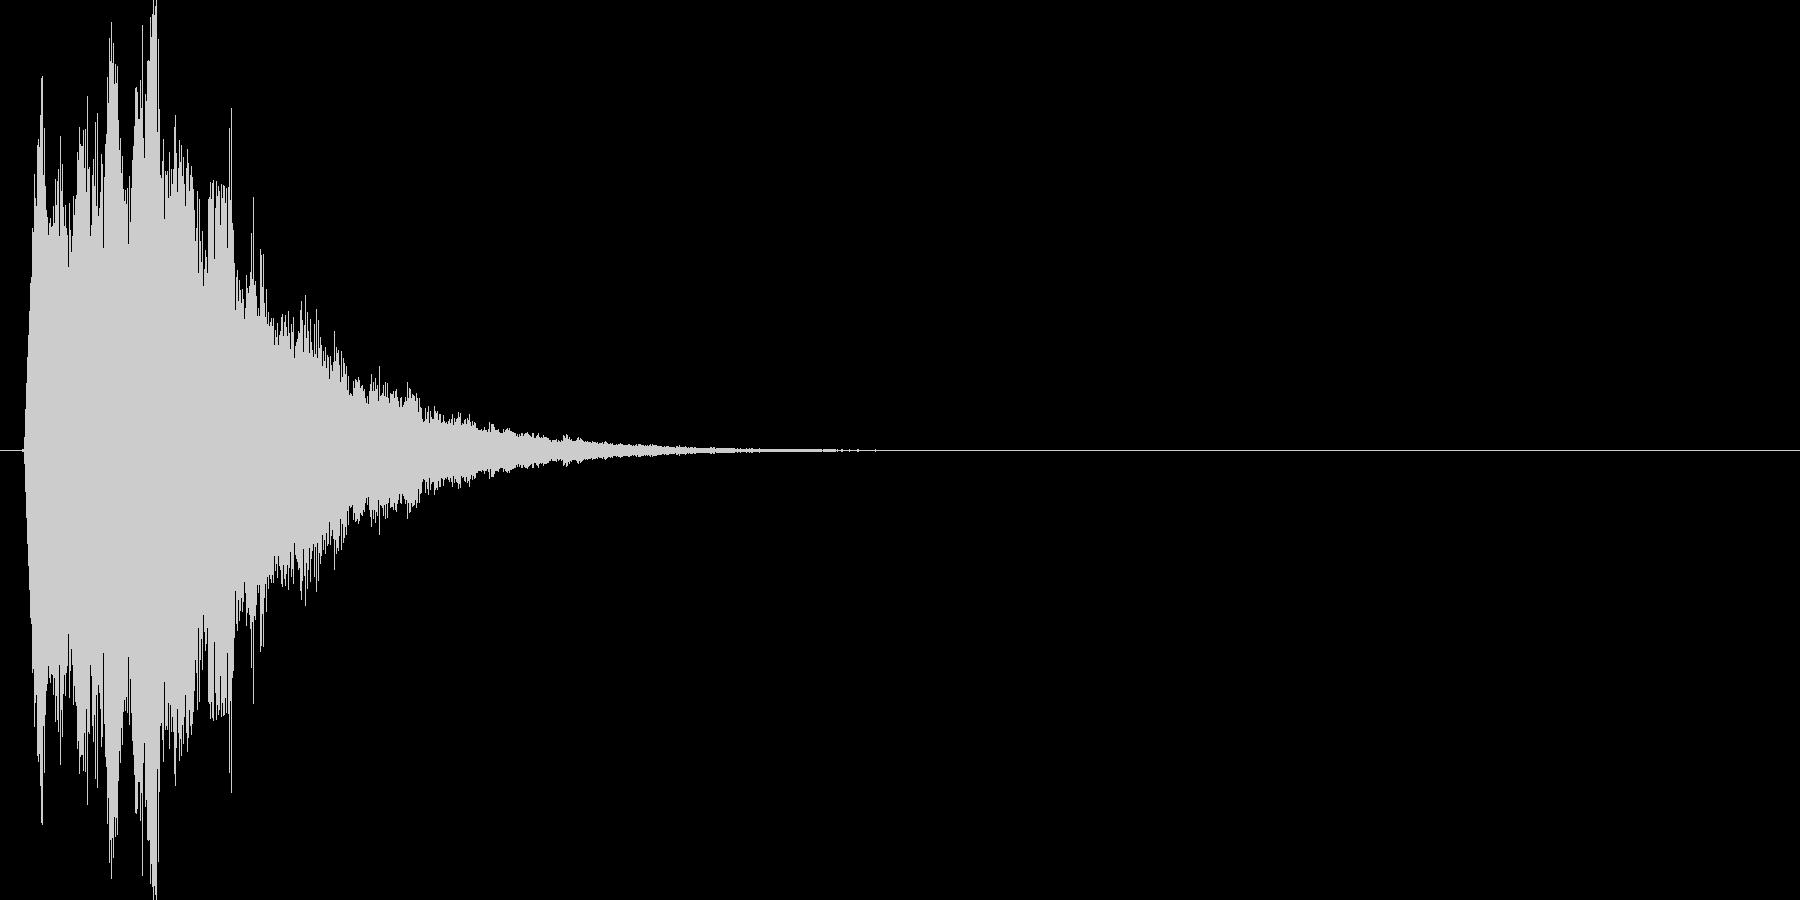 キラリン↑(星、派手、スタート音)の未再生の波形